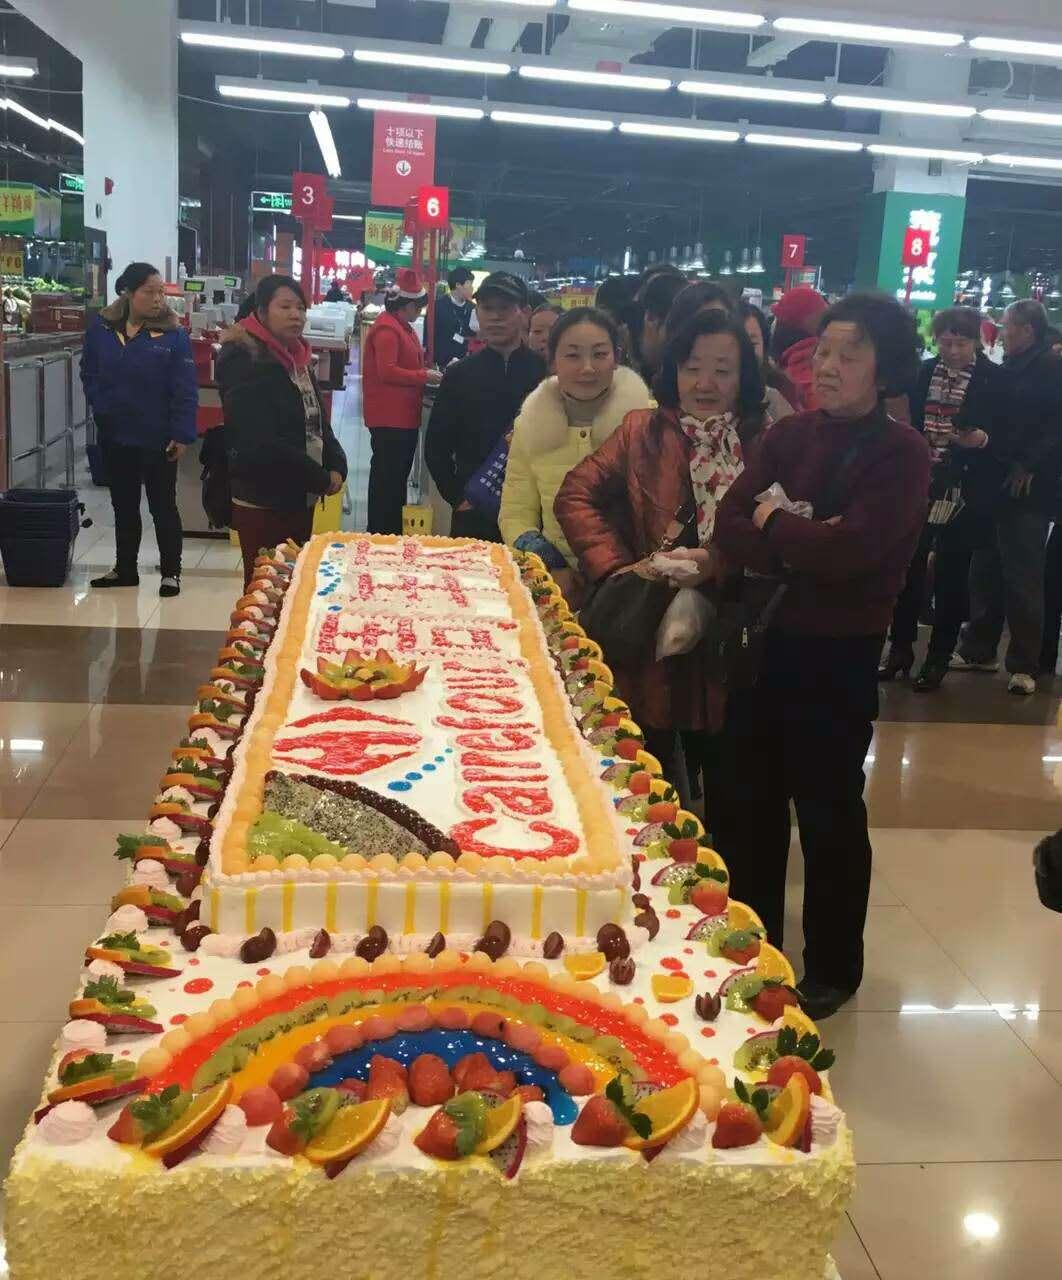 12月23日,一个长5米,宽1米的精心制作的大奶油蛋糕出现在武汉家乐福超市南湖武昌府店,据介绍,这个全长为3米的蛋糕是由6个面包师耗时6小时,耗近20公斤面粉、500个鸡蛋及10多斤的各种辅料制作完成。 据了解,这是为了庆祝武汉家乐福南湖武昌府一周年庆所举行的义卖活动,活动的目的是 为了让大家共同参与家乐福的暖冬行动。 在蛋糕义卖活动现场可以看到,不到20分钟,刚出炉的蛋糕就被消费者抢购一空,当得知这些蛋糕卖出的钱是要全数捐给慈善机构的,大家纷纷拿出3块钱或者5块钱买上一块蛋糕,一些市民表示,参